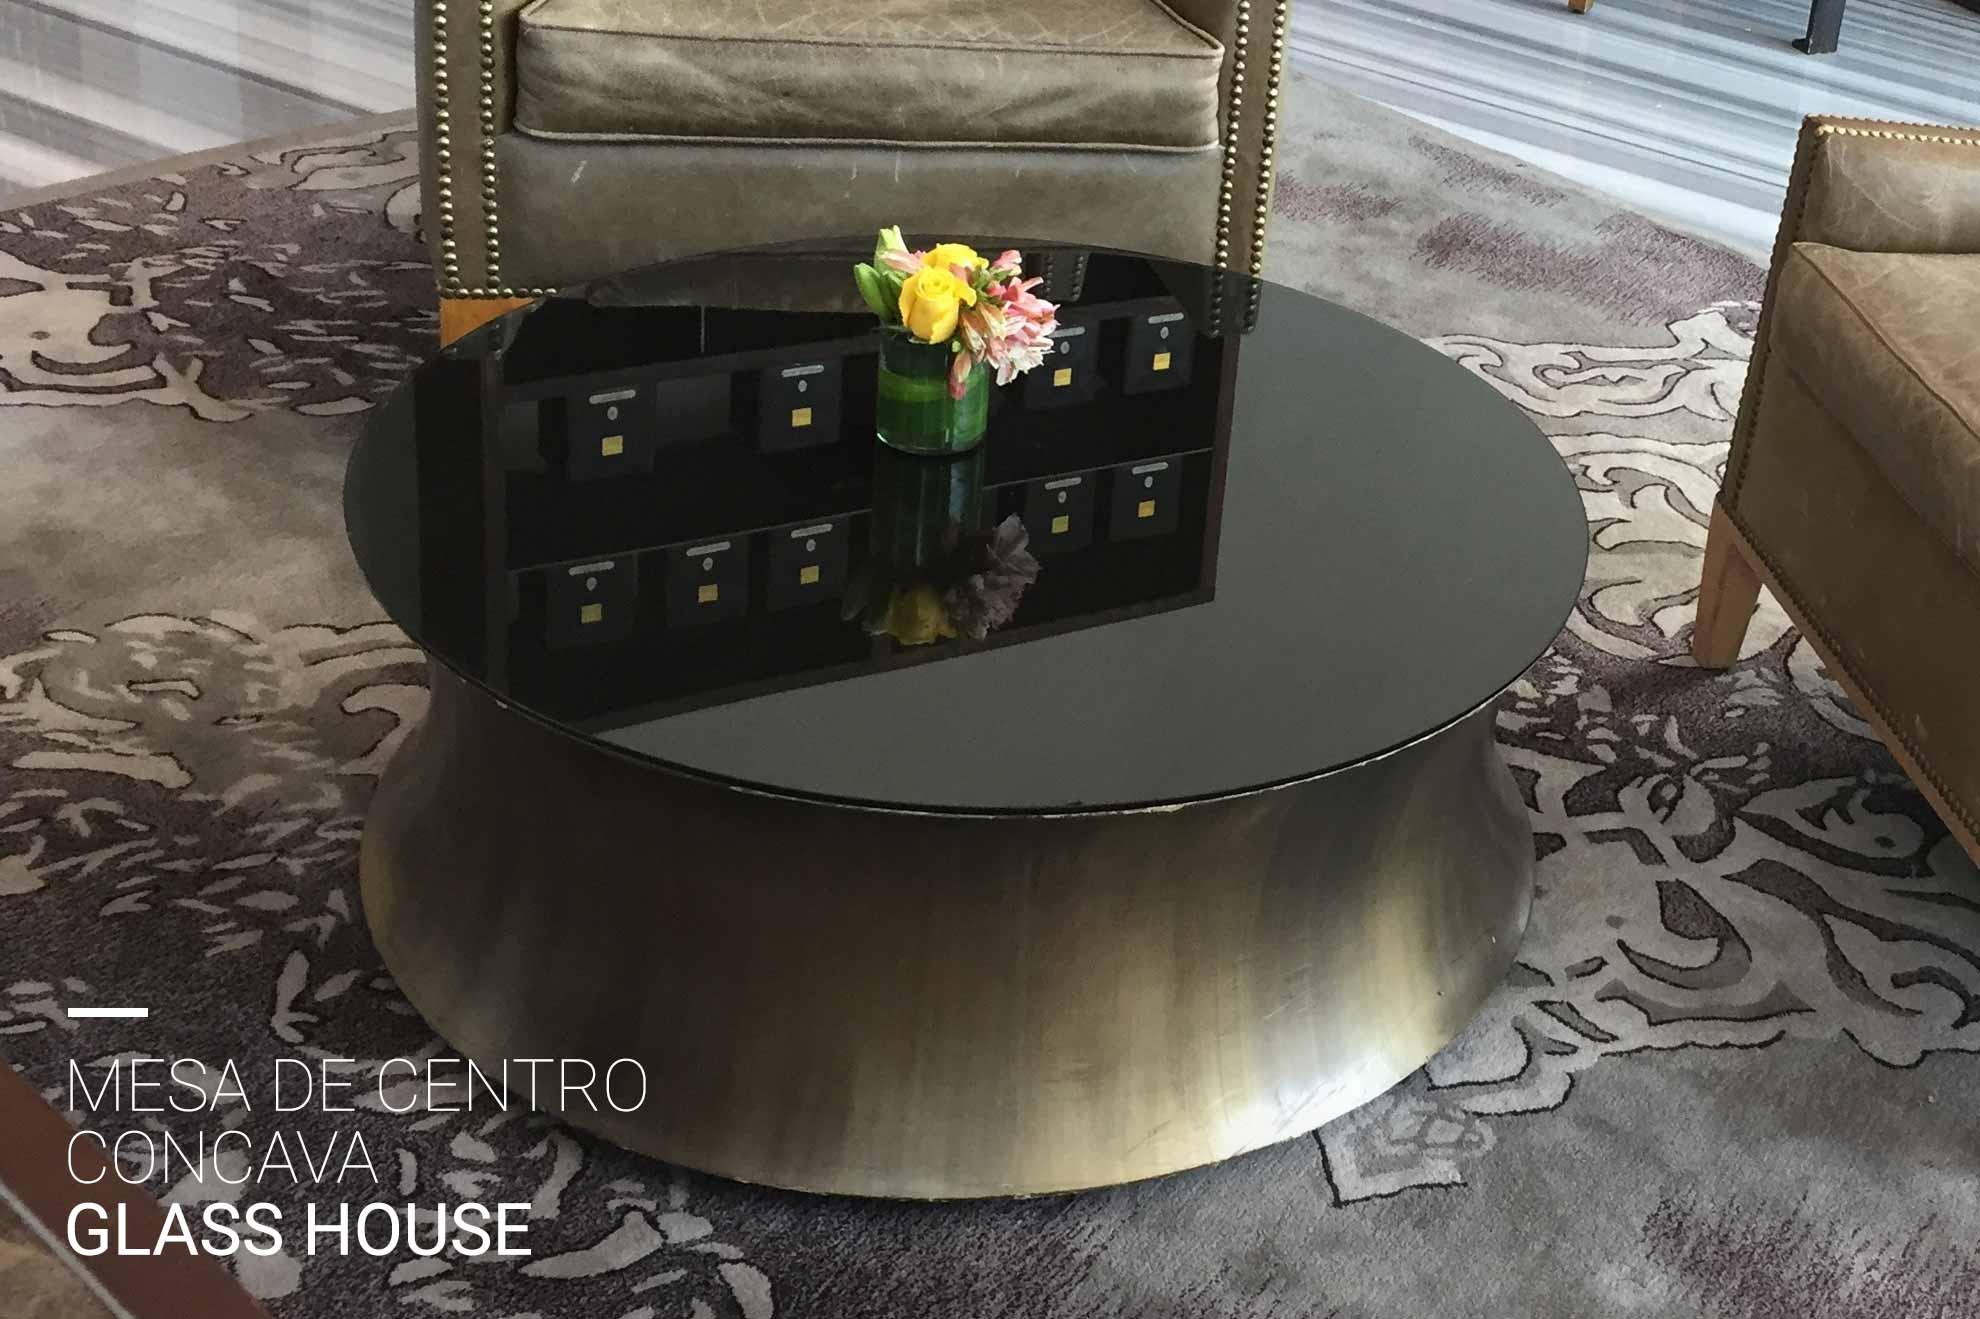 Mesa de centro cóncava de acero cepillado y vidrio pintado en negro y color latón avejentado